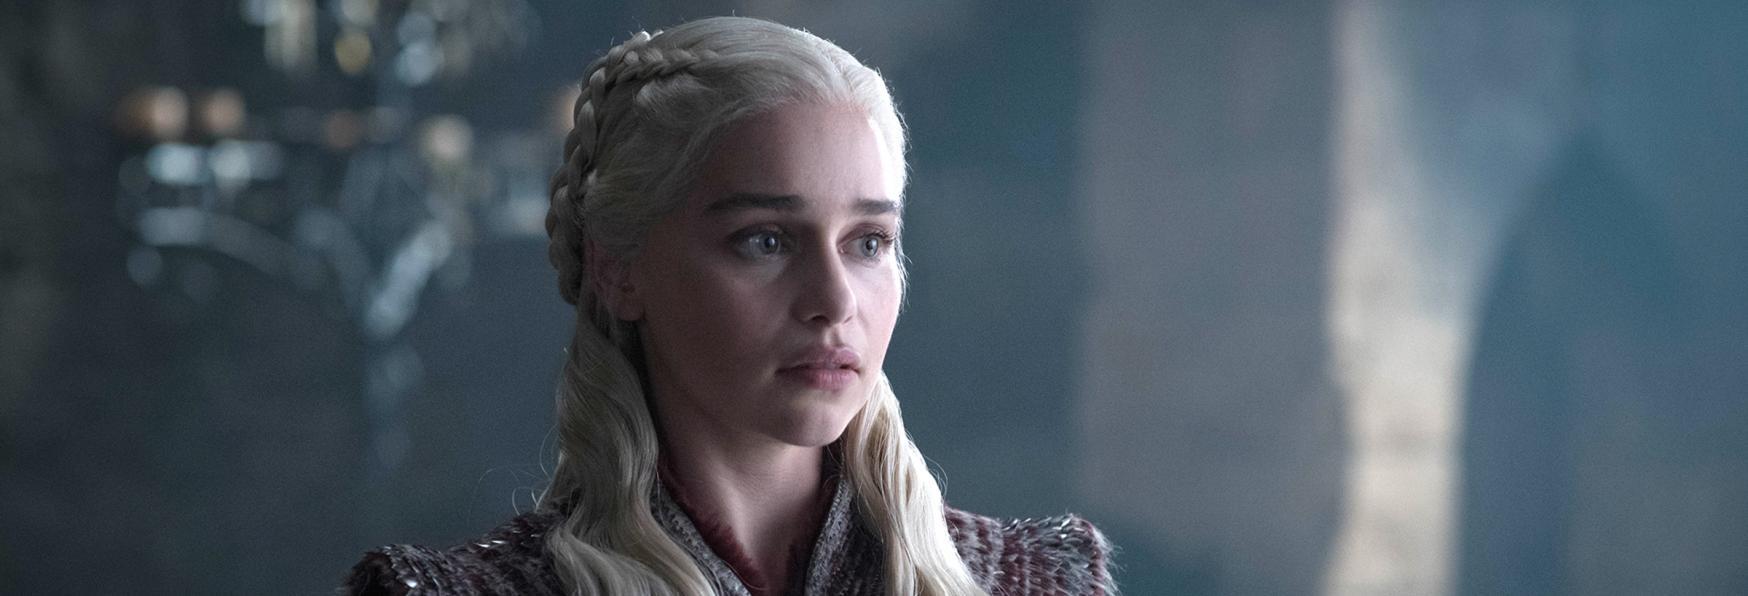 Game of Thrones: Chi dimenticò sul Set la Tazza di Starbucks? Emilia Clarke svela i suoi Sospettati